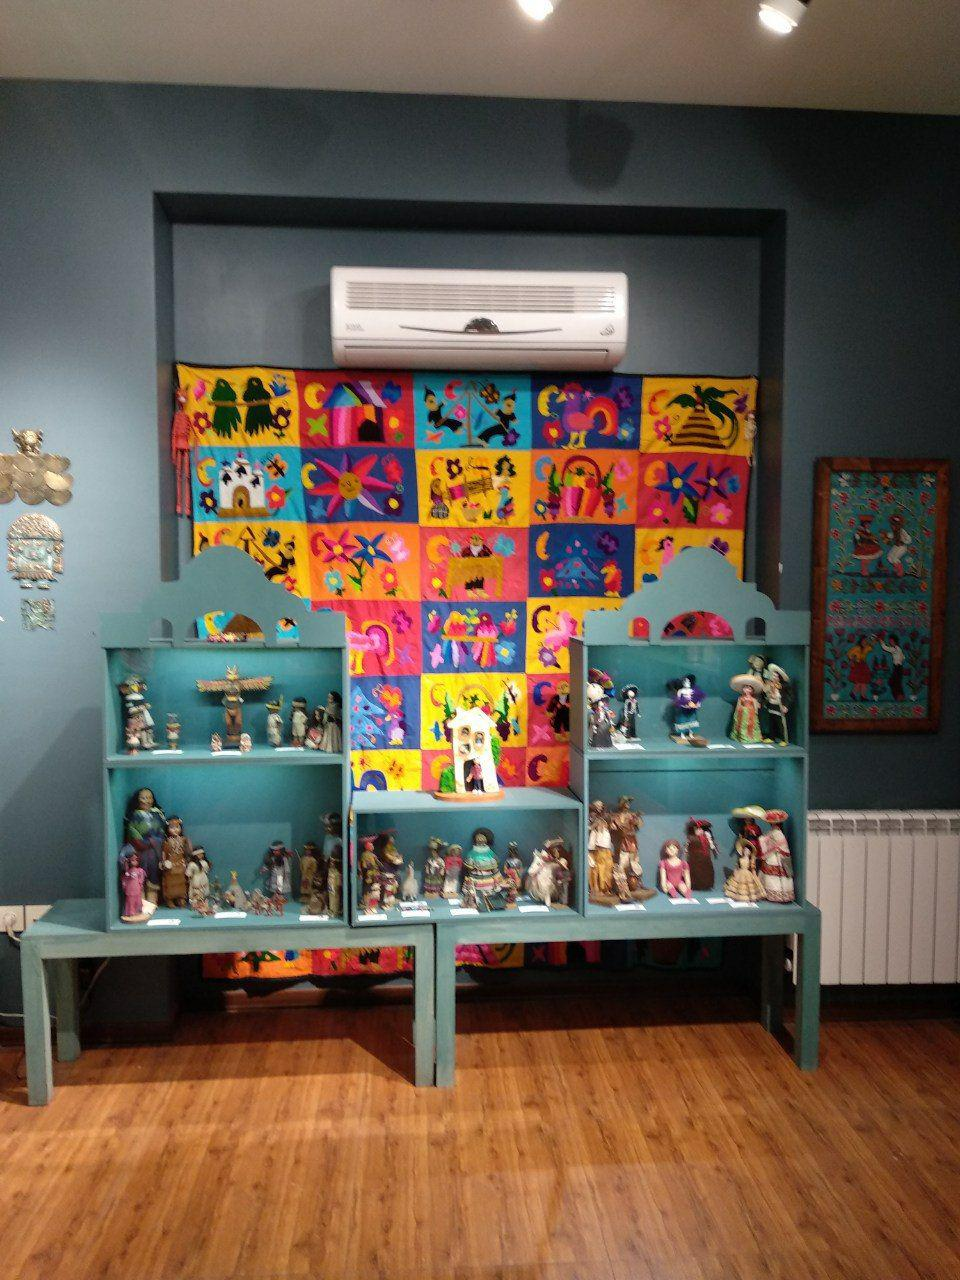 گزارش بازدیدی از موزه عروسکهای ملل